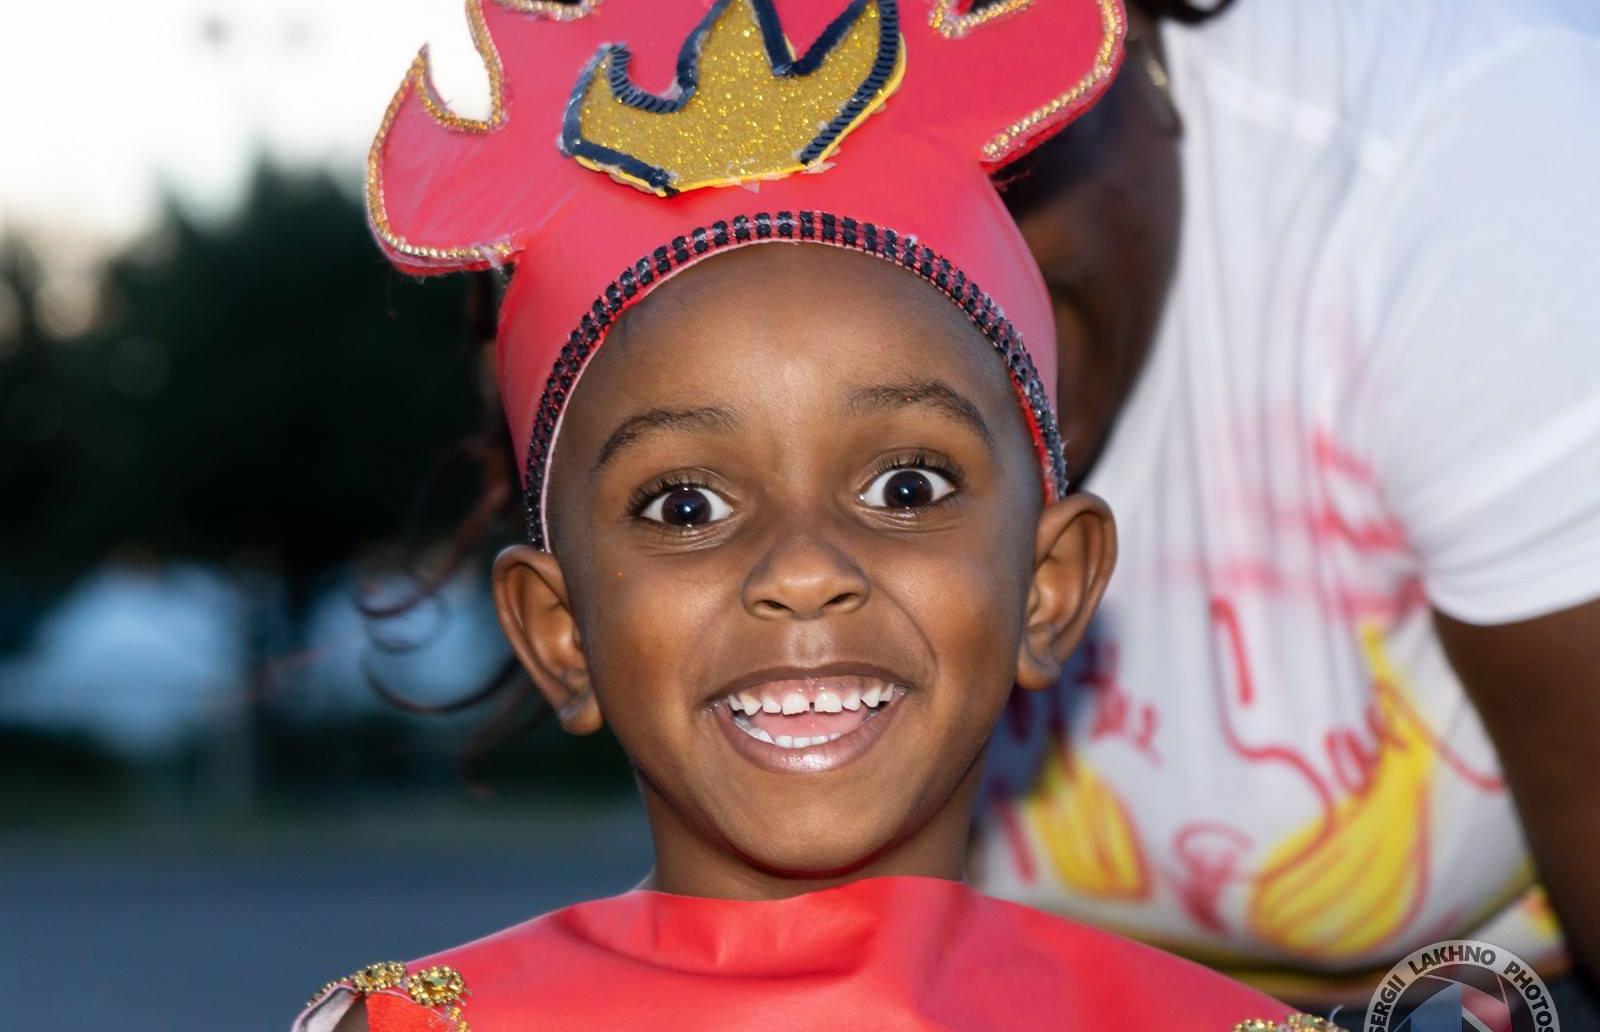 Kiddies Carnival 2018 -6.jpg